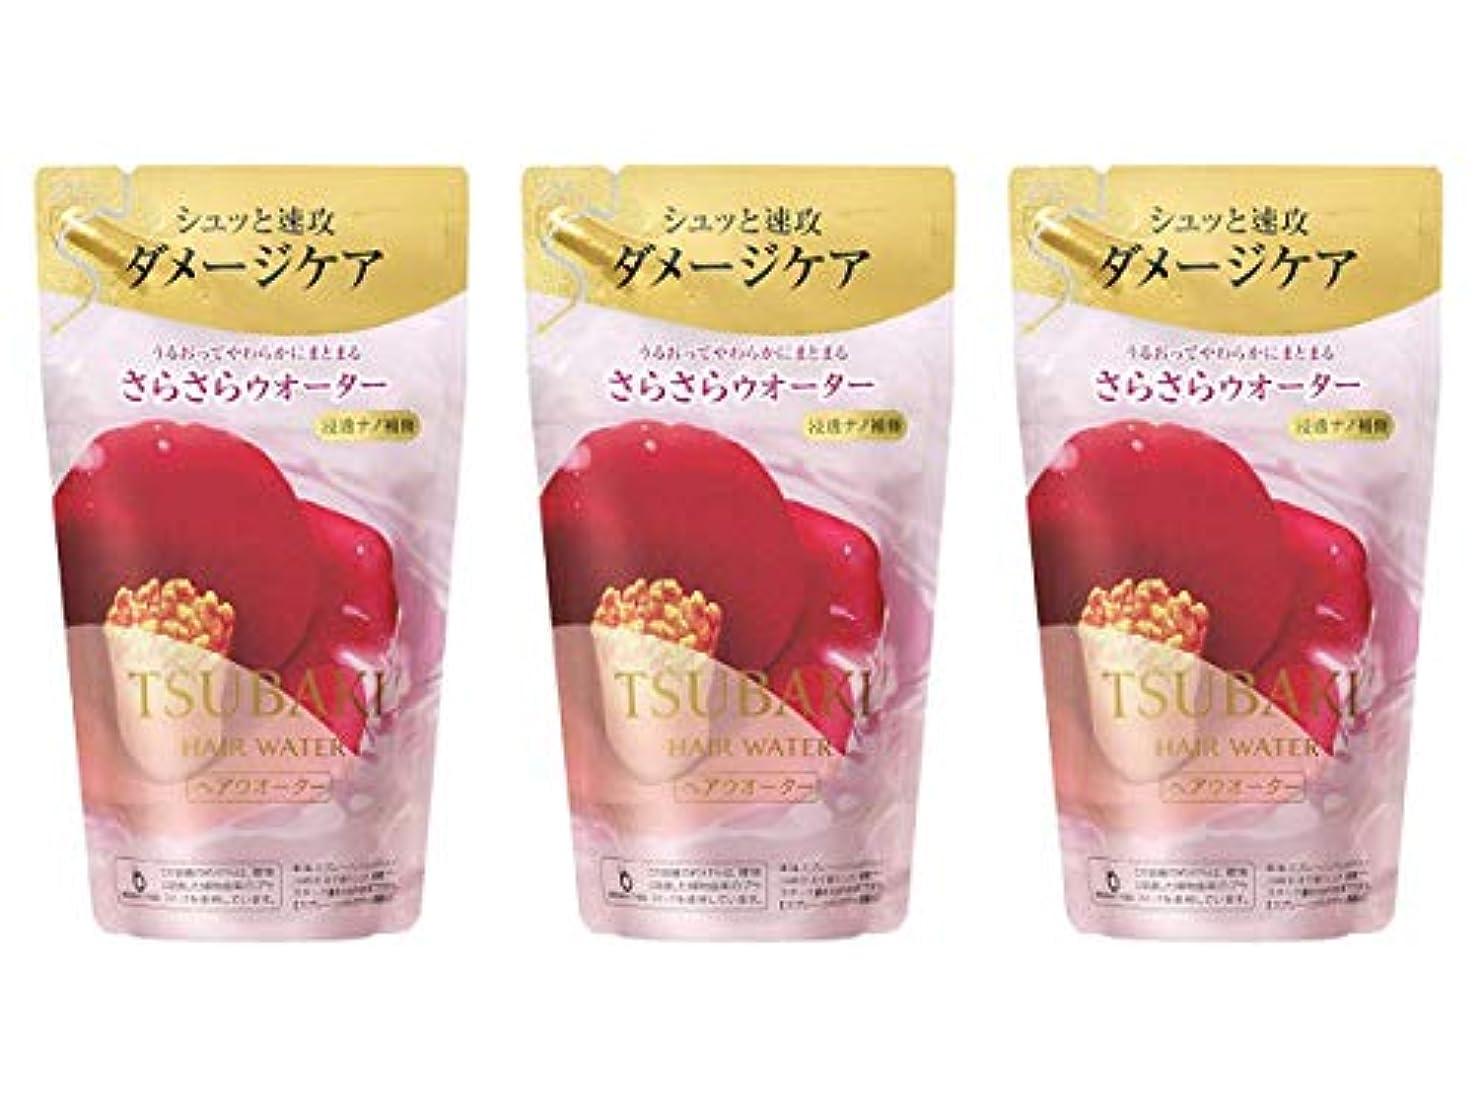 【3袋セット】 TSUBAKI ダメージケアウオーター ヘアトリートメント 詰め替え用 さらさらタイプ 200ml × 3袋